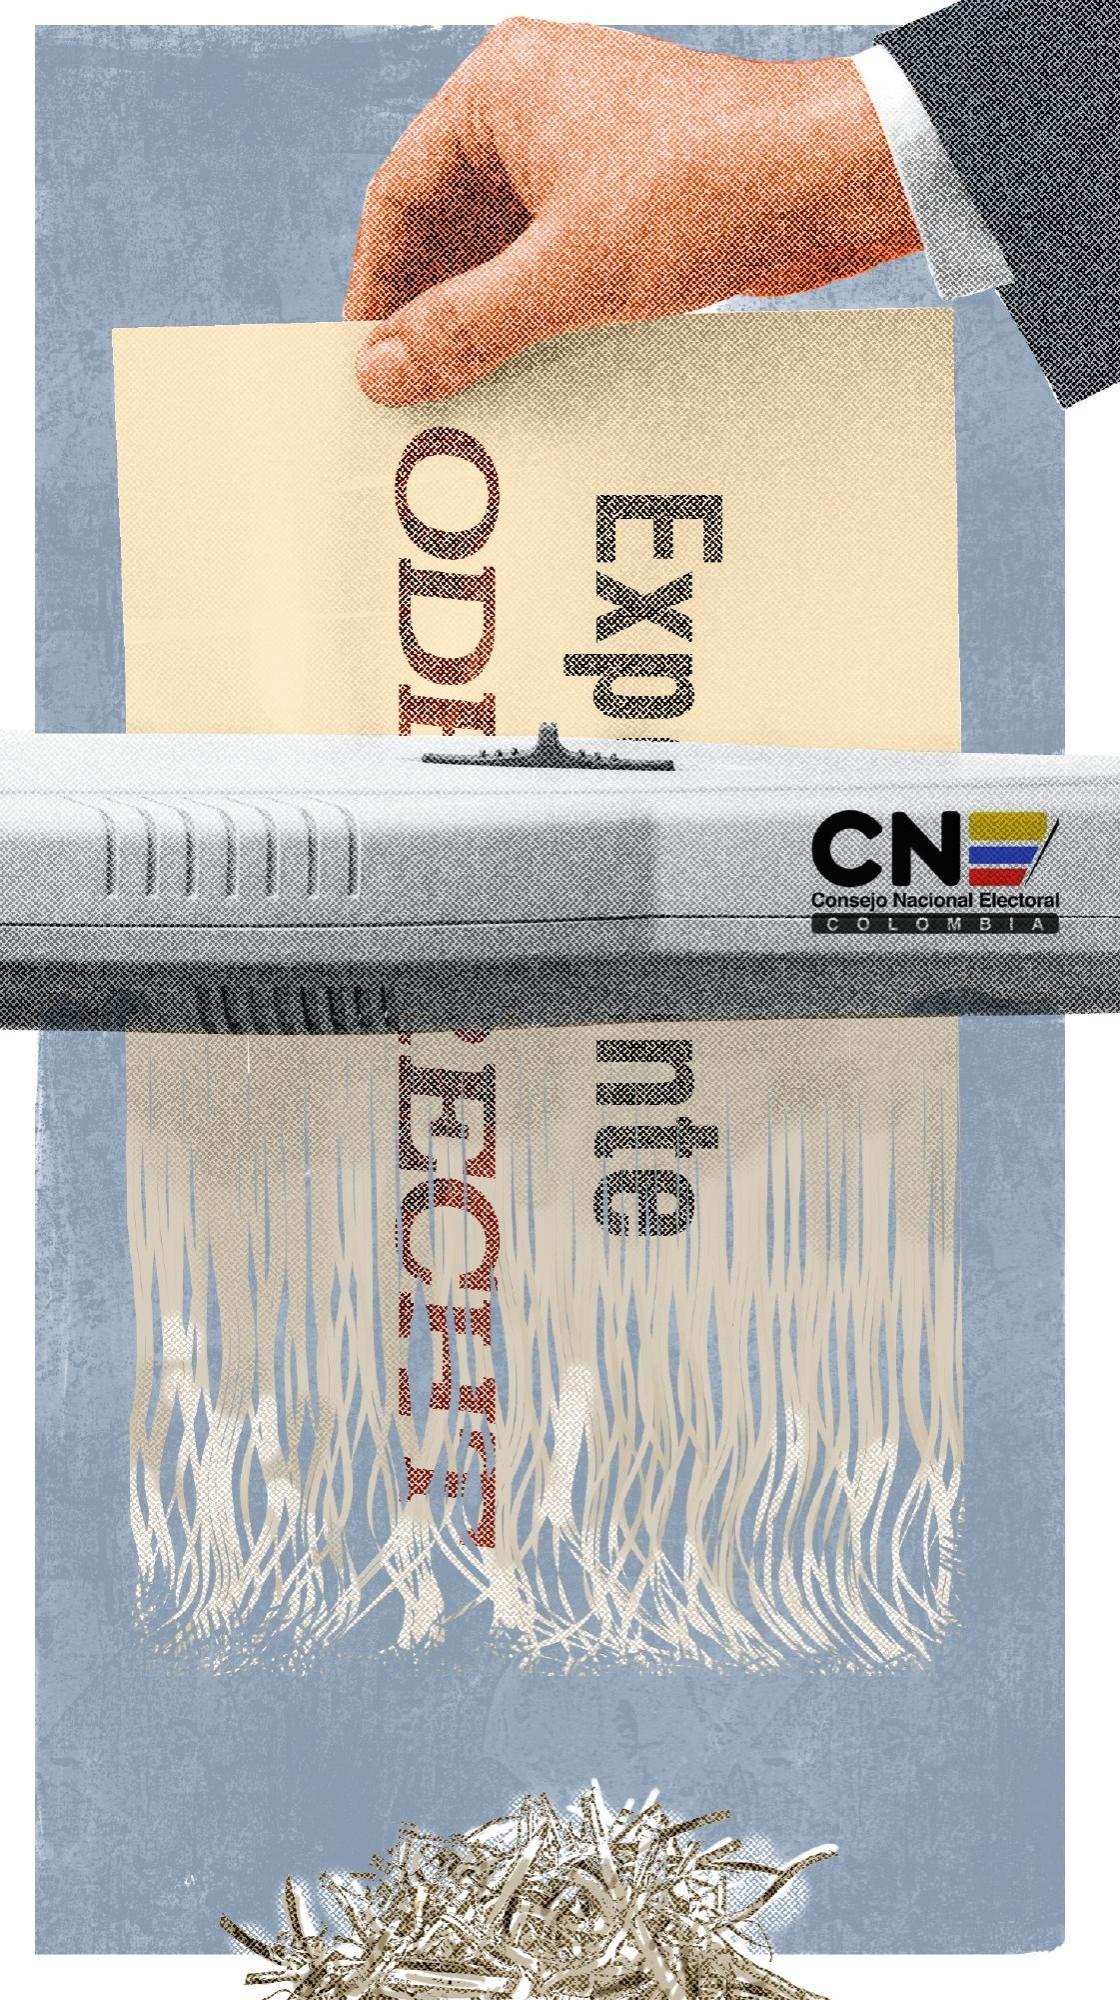 Odebrecht en el CNE, investigación que va rumbo a la impunidad